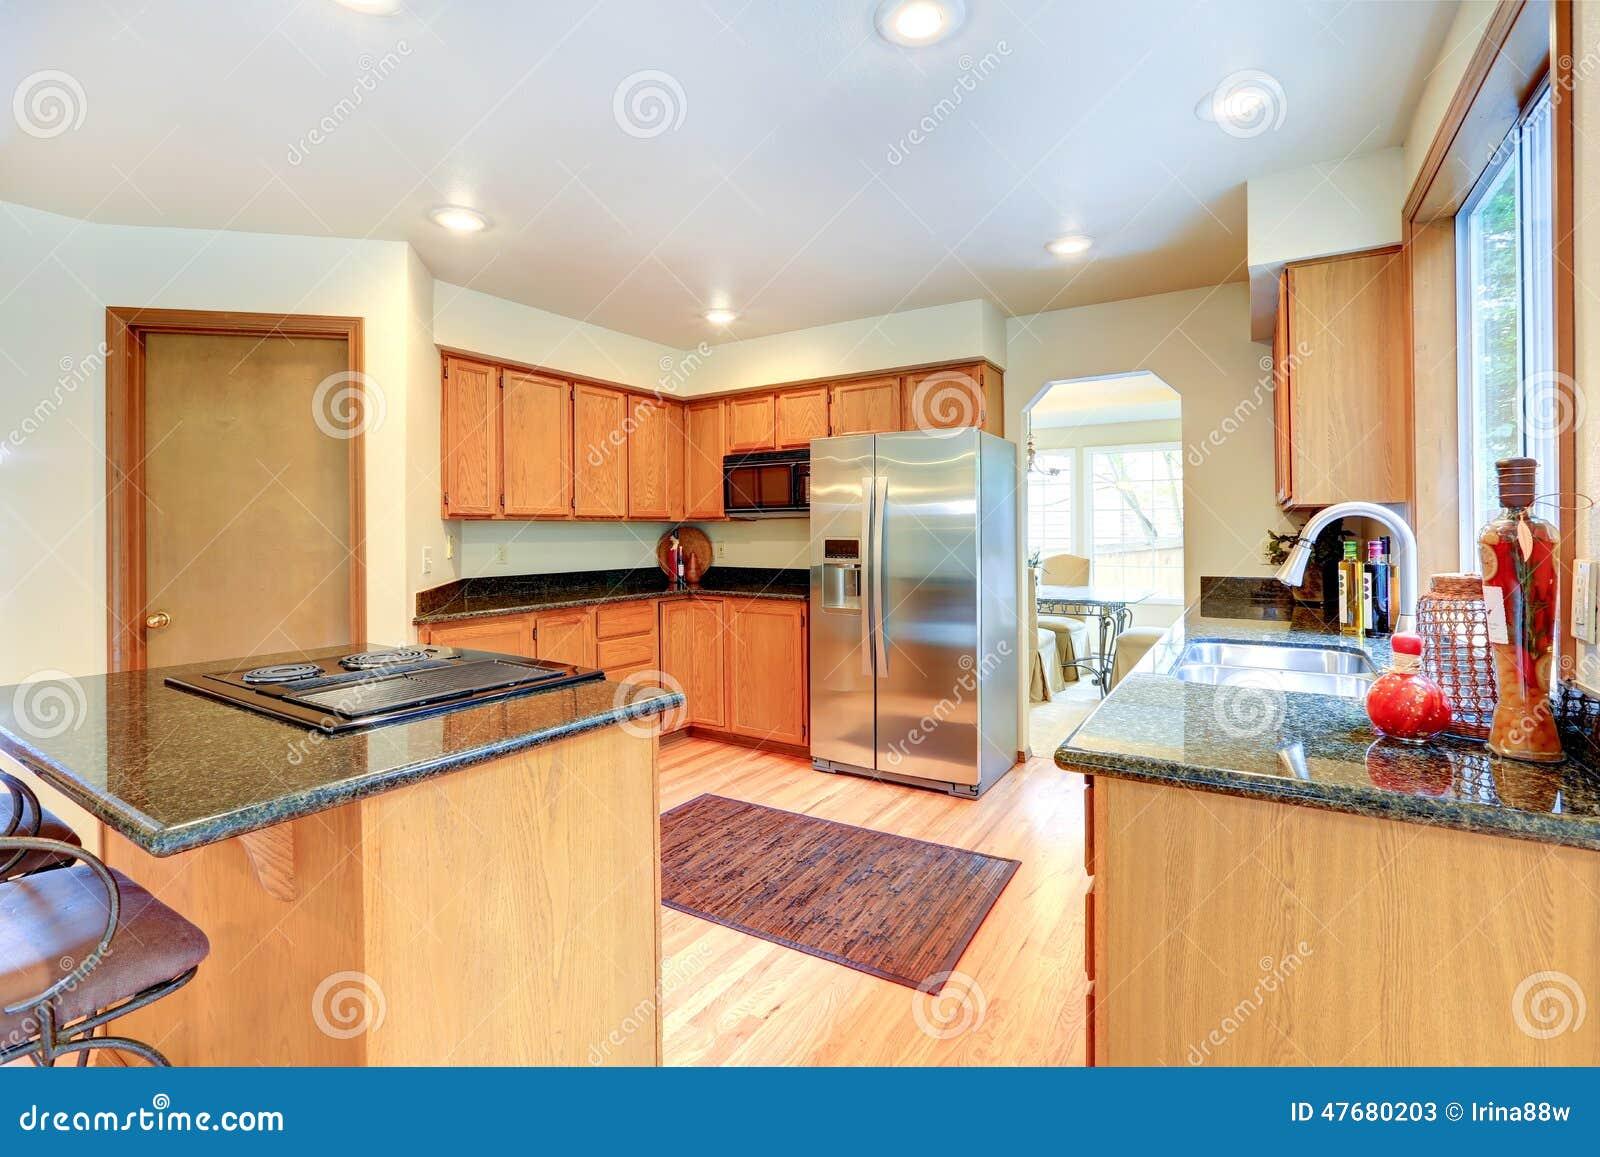 Küchenschränke Mit Schwarzer Granitspitze Stockbild - Bild von haupt ...